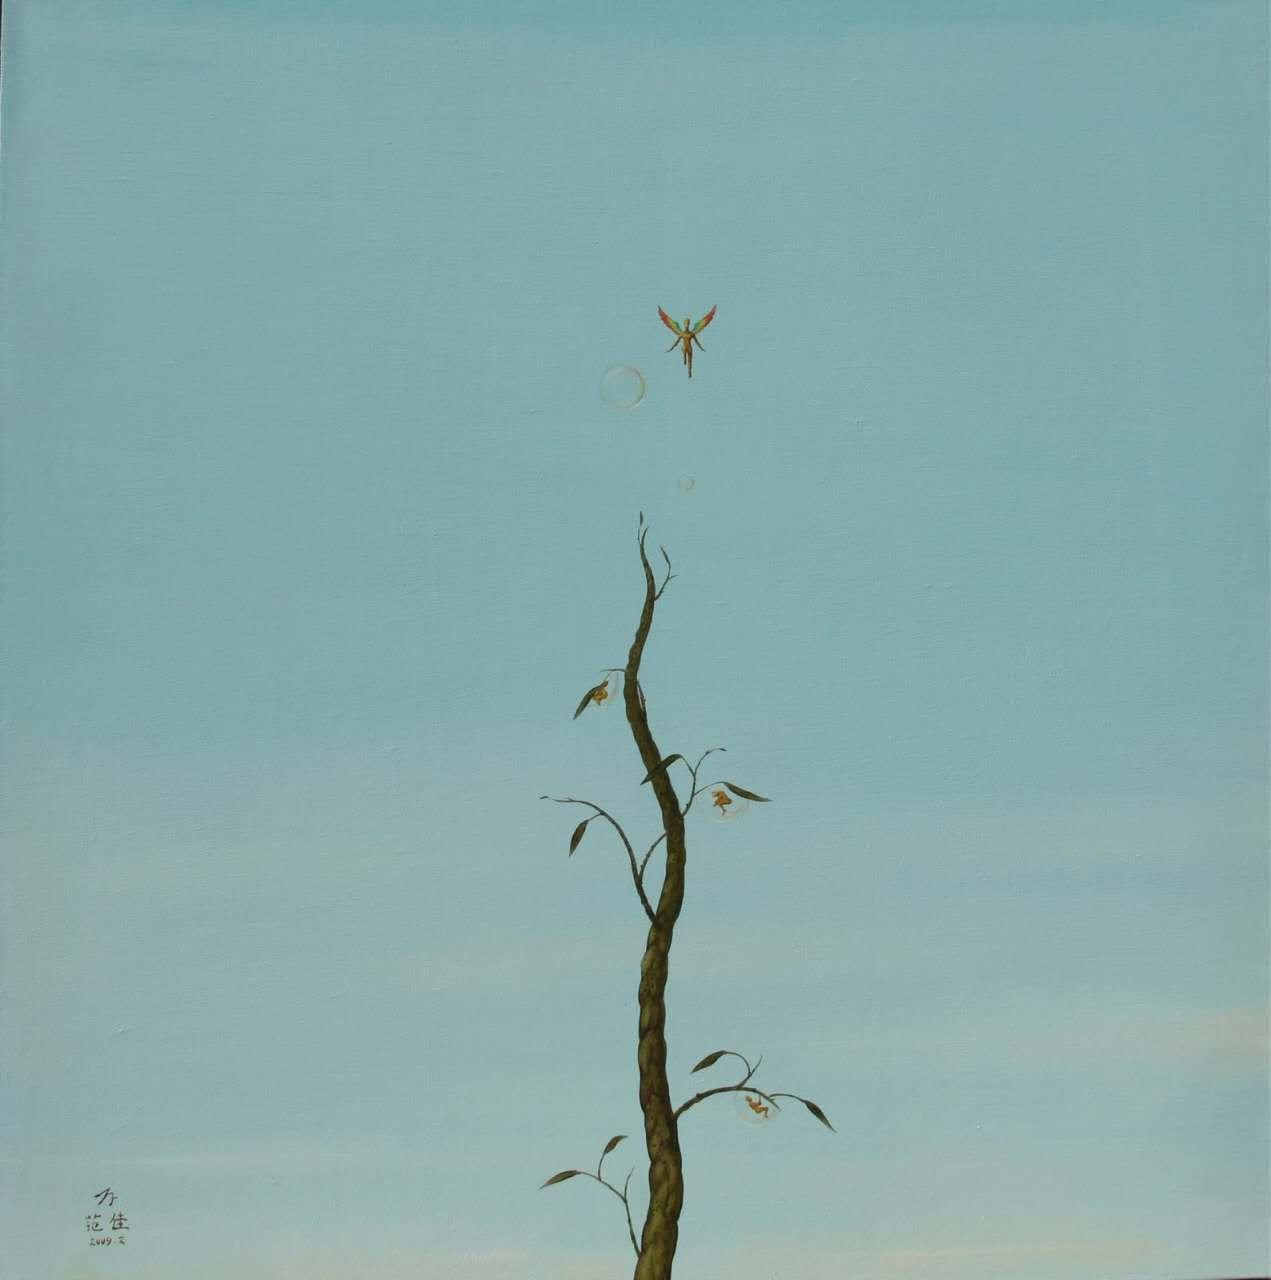 斑斓――当代艺术展